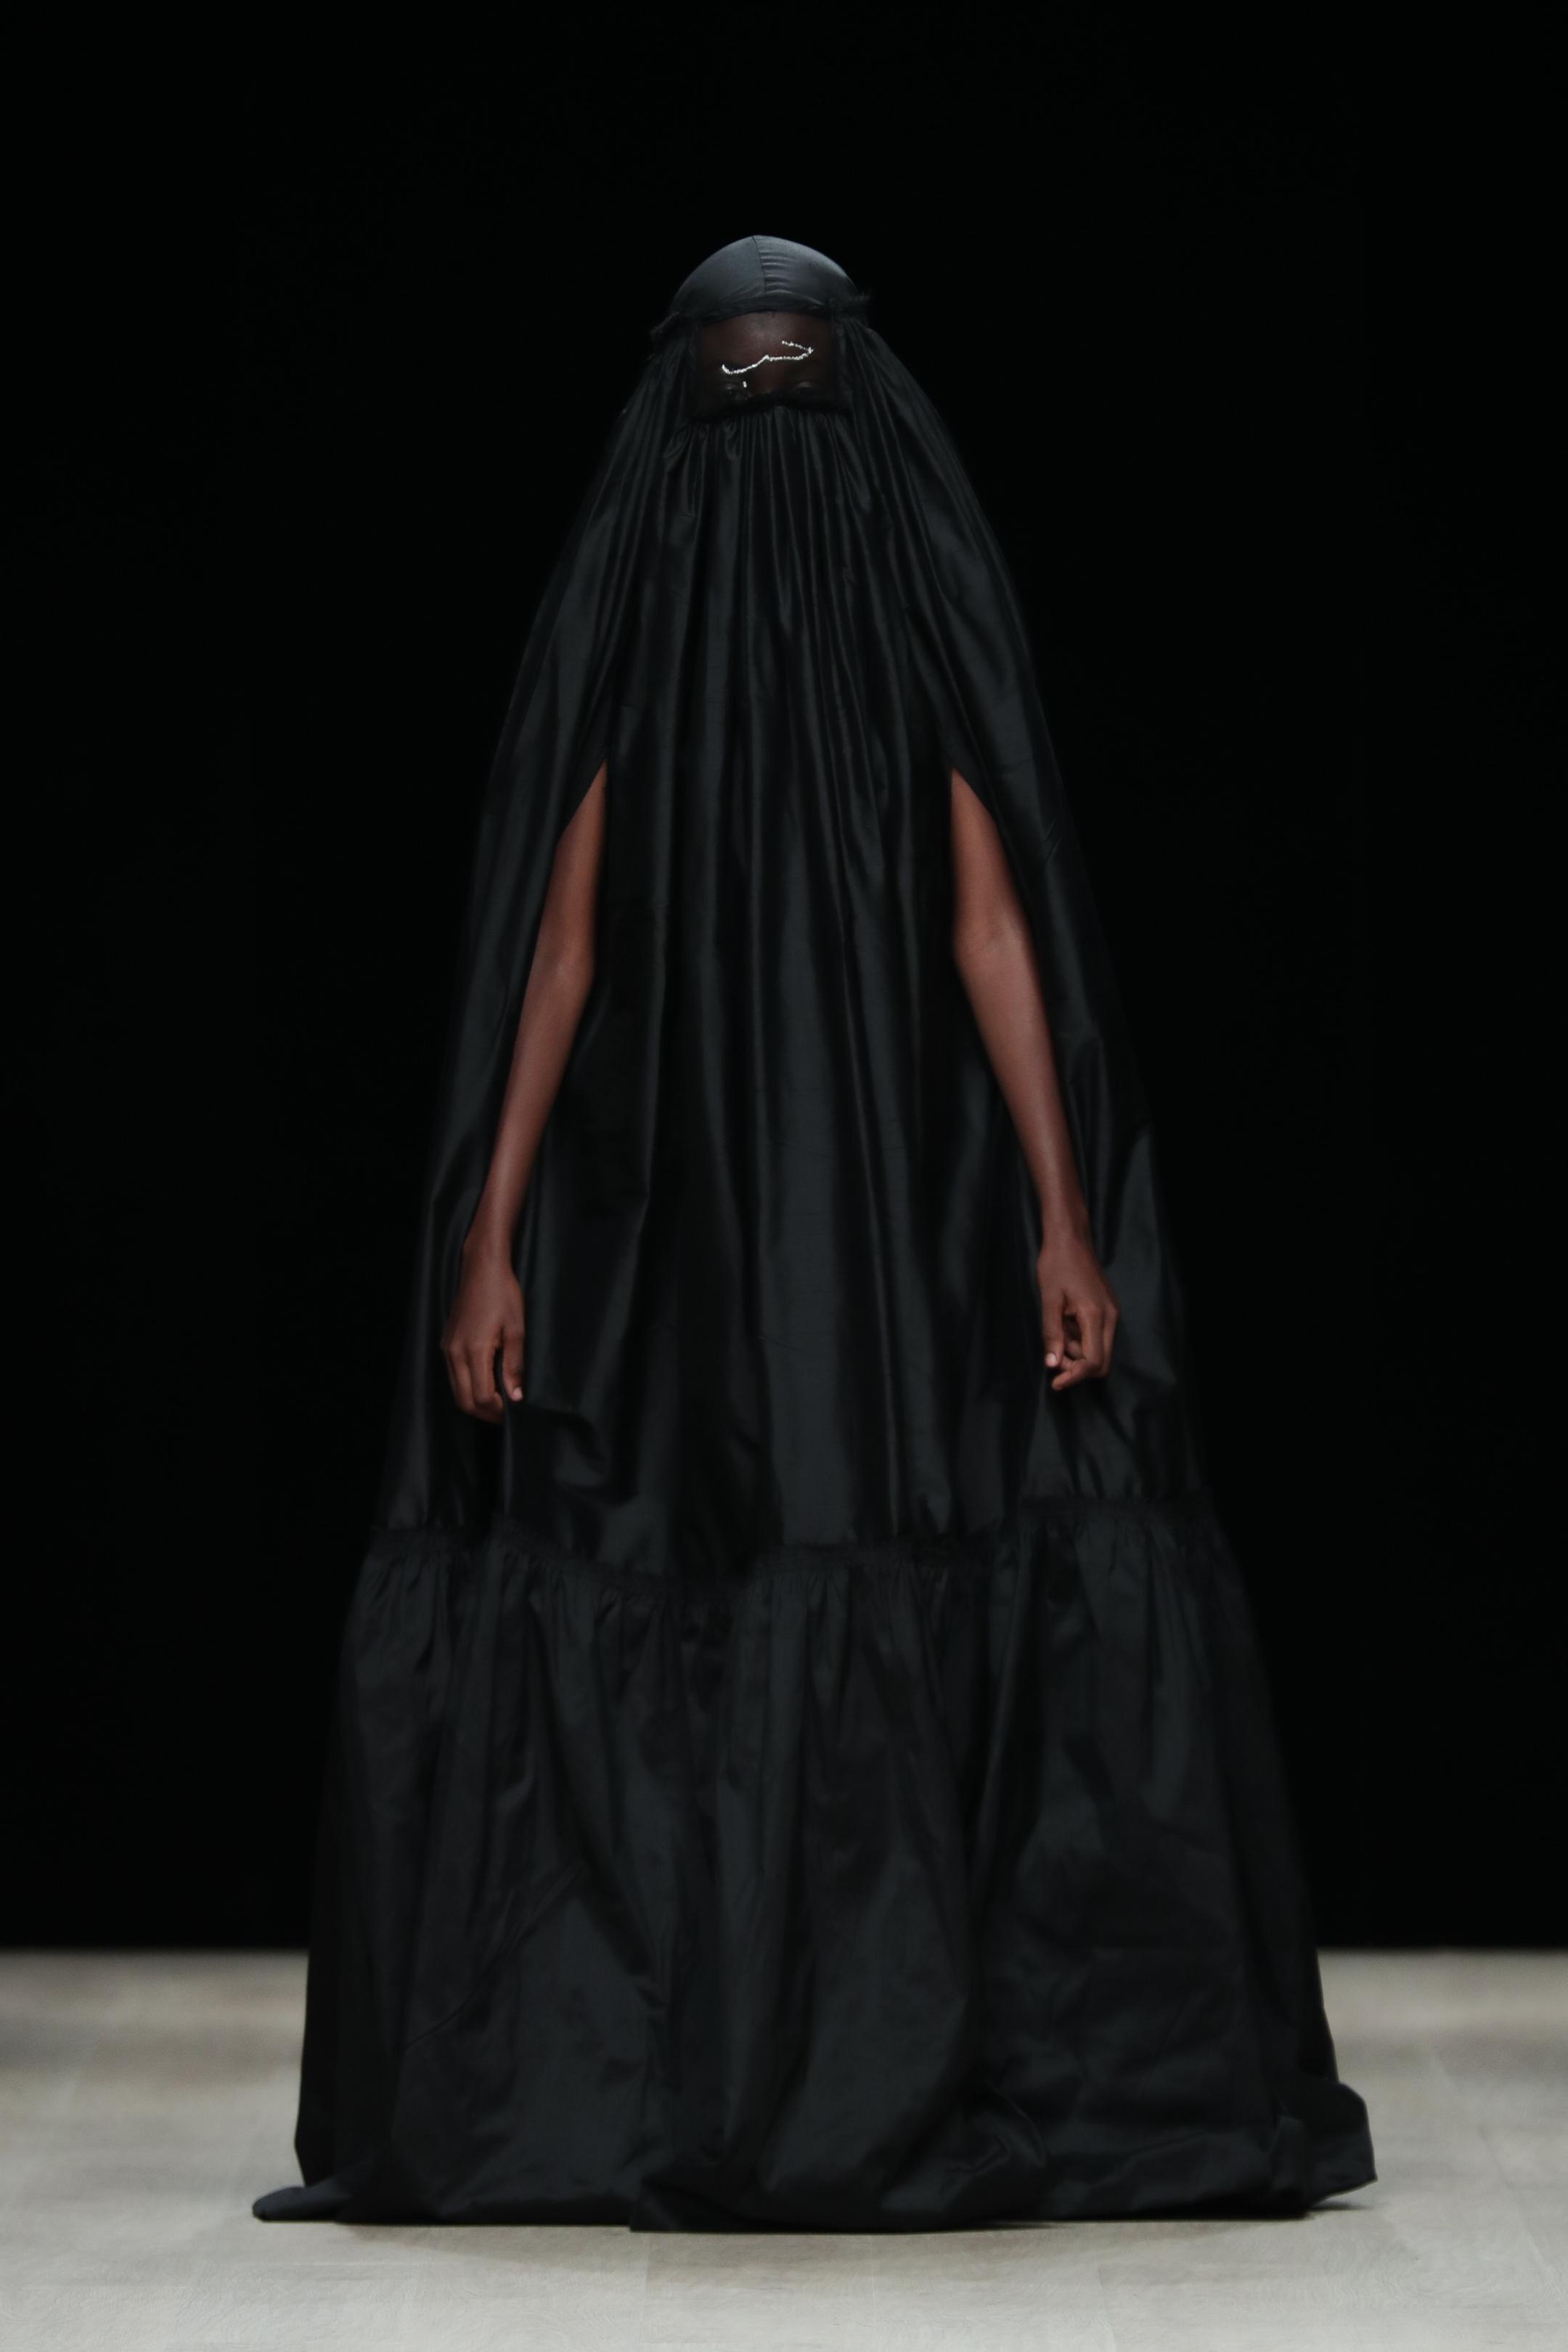 ARISE Fashion Week 2019 – Runway Day 2: Maison ARTC